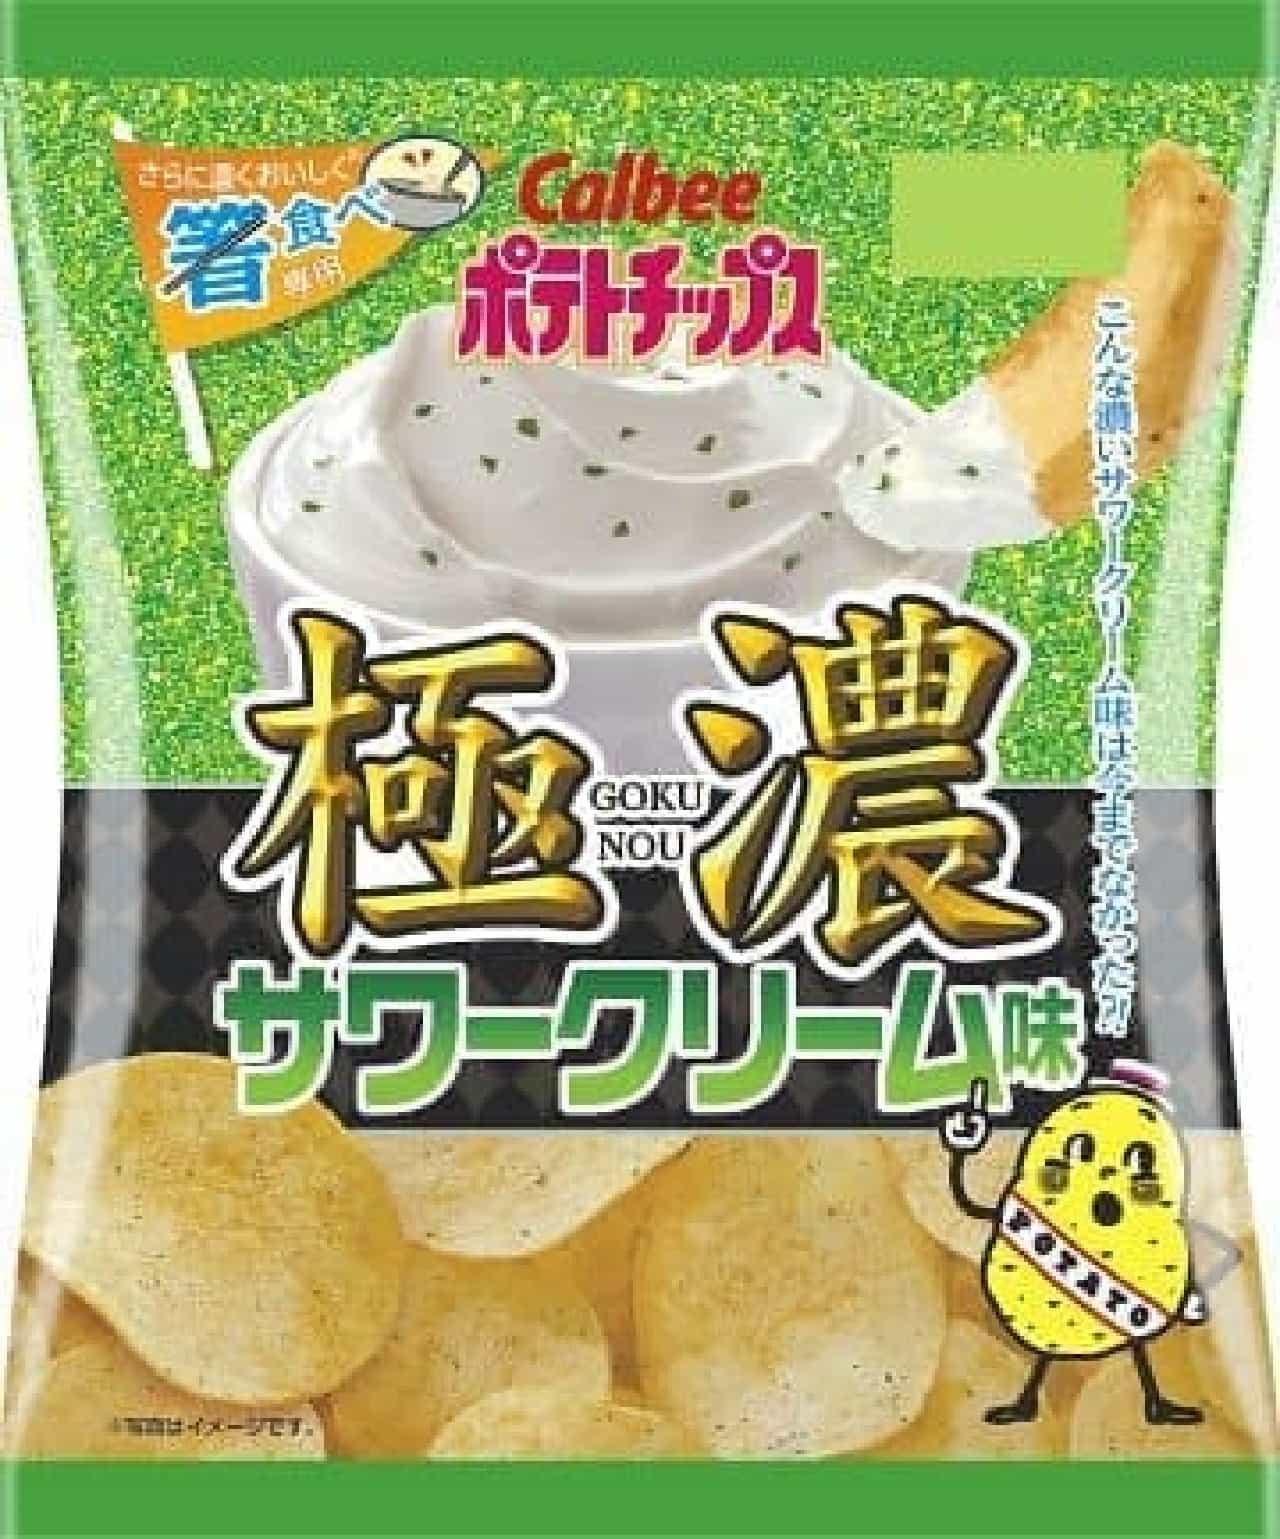 カルビー「ポテトチップス 極濃サワークリーム味」